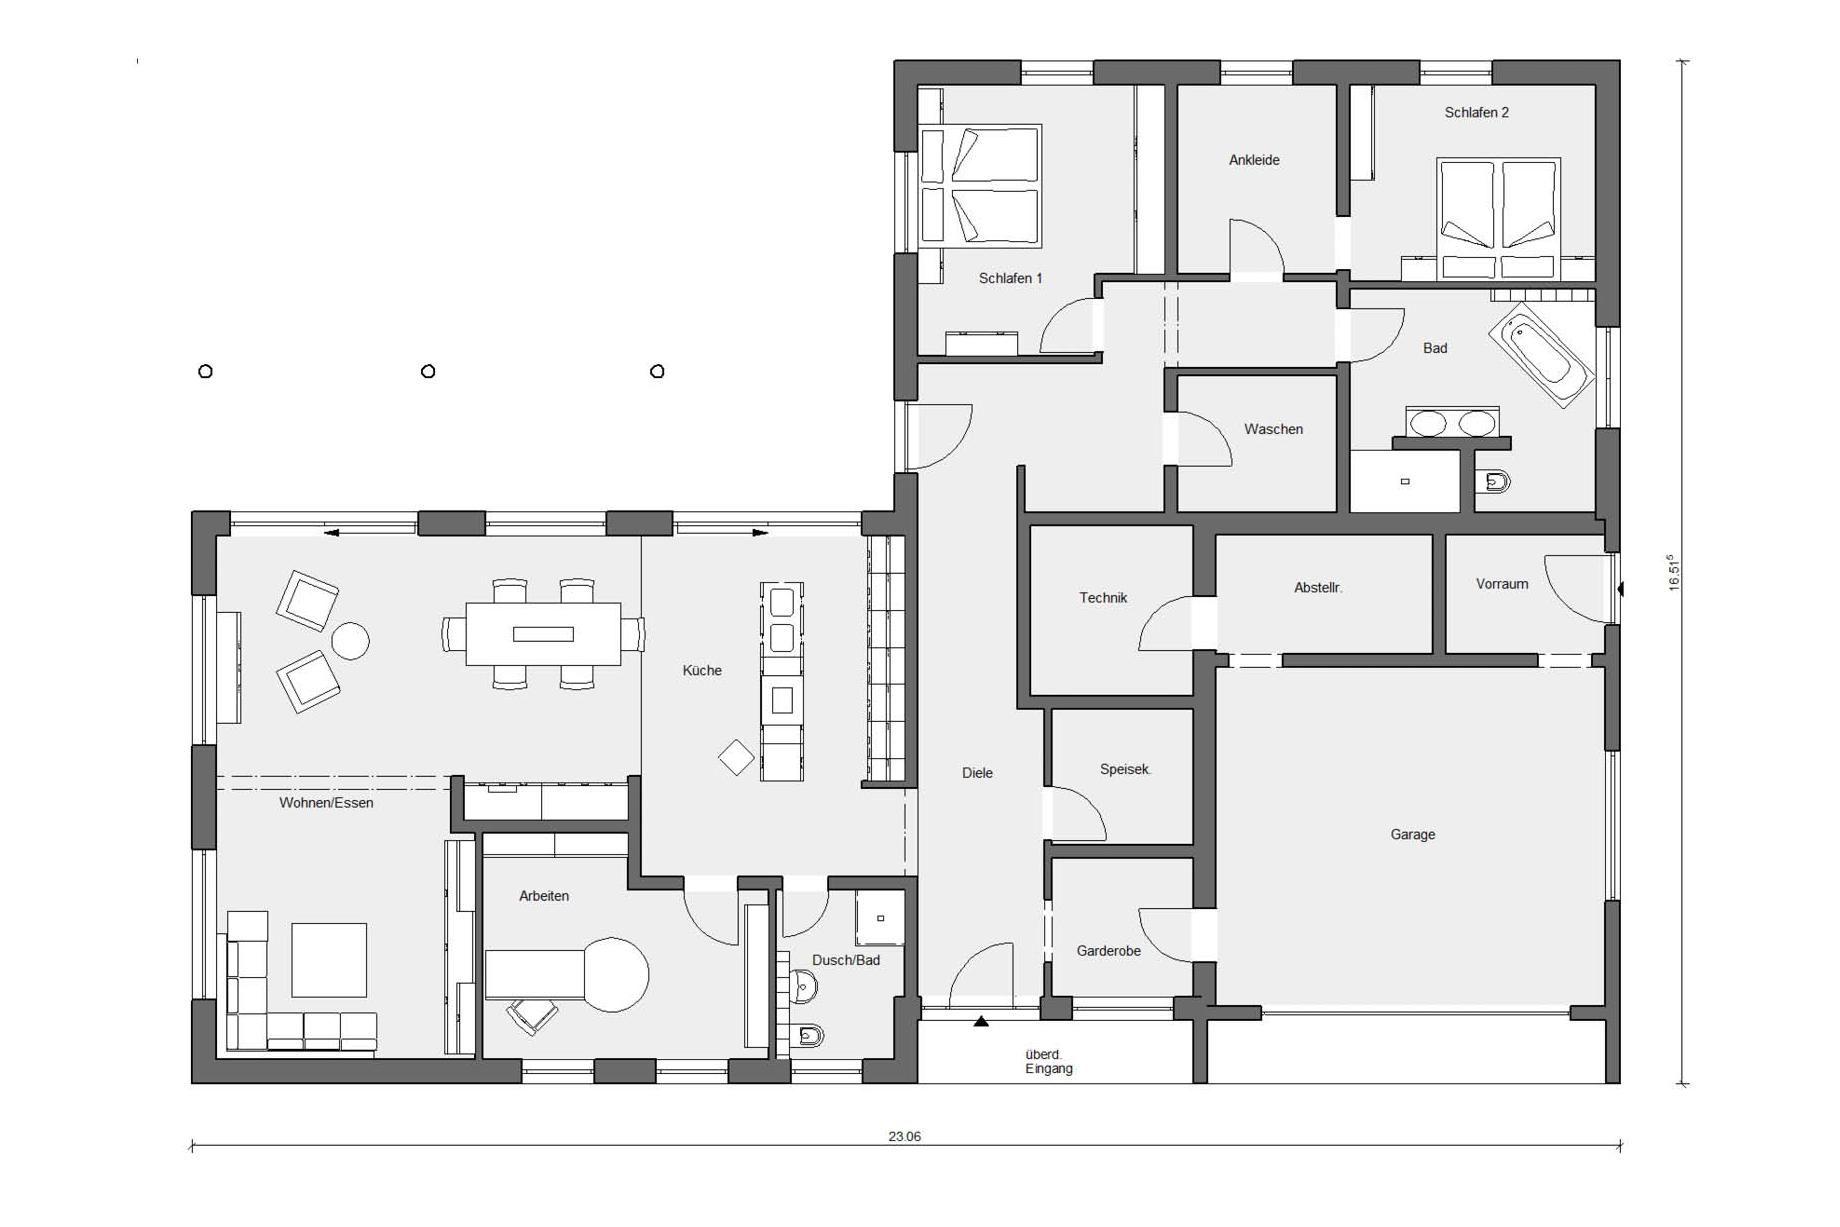 Hohenstein/Oberstetten Haus grundriss, Grundriss